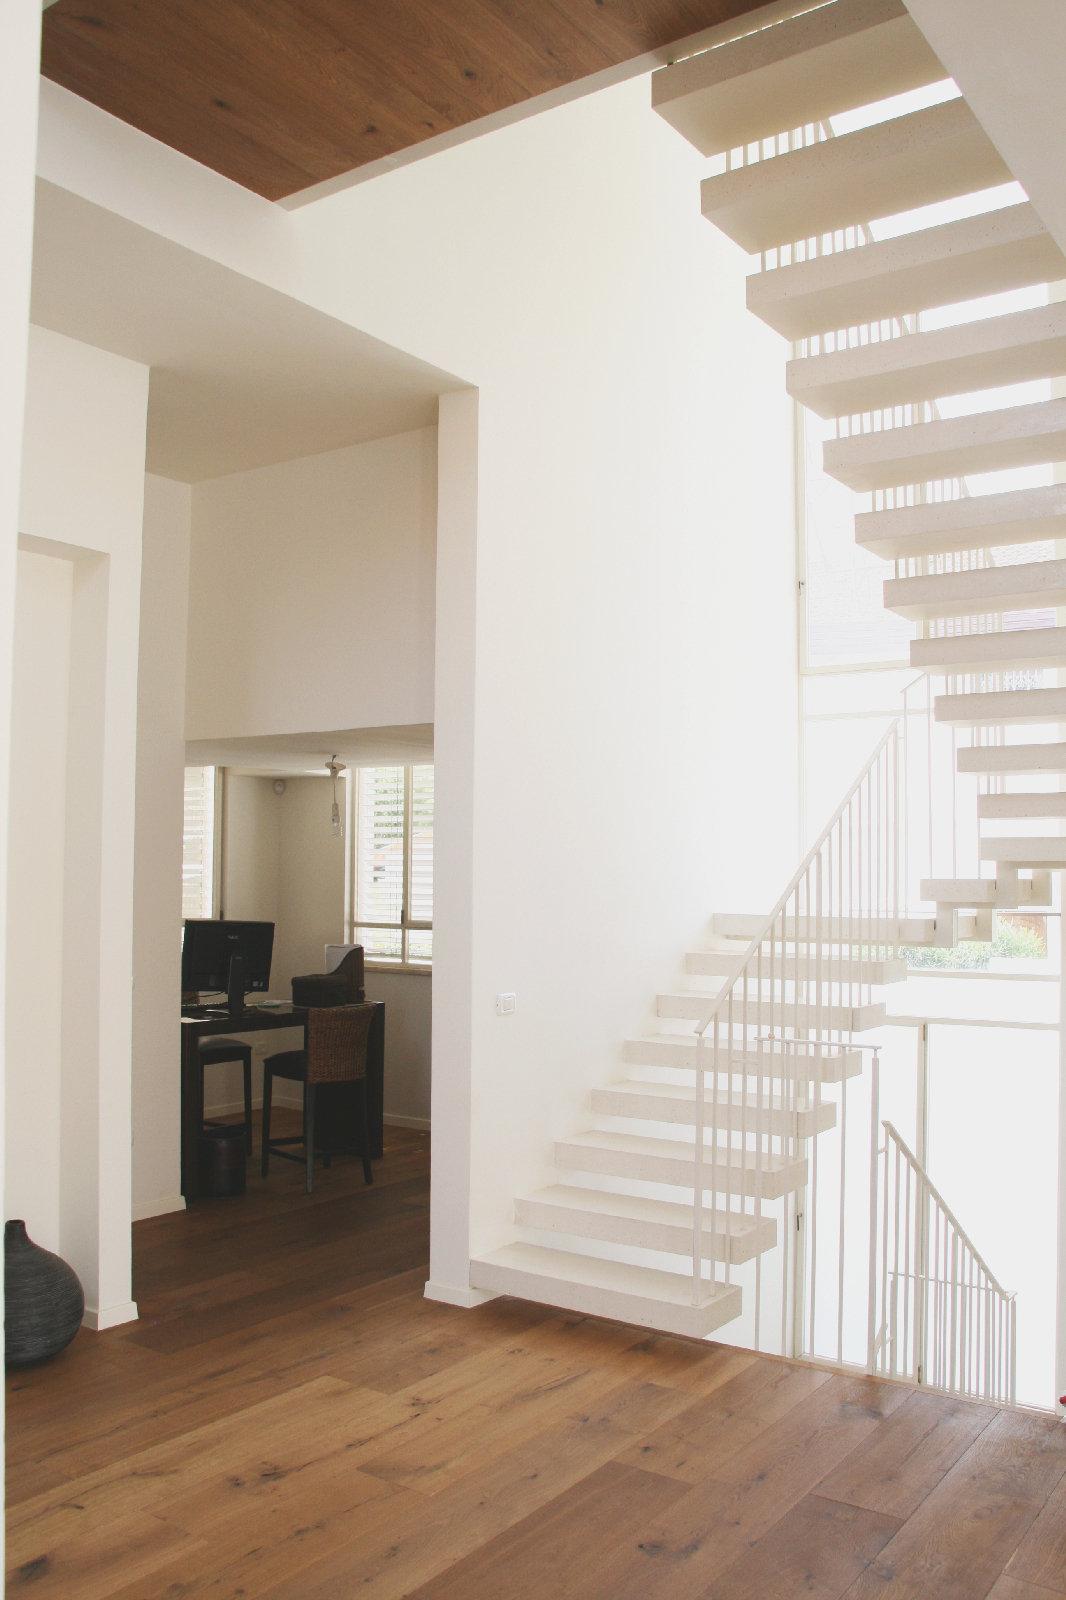 מדרגות בטון לבן תלויות ופרקט עץ מלא. בחירת חומרי גמר